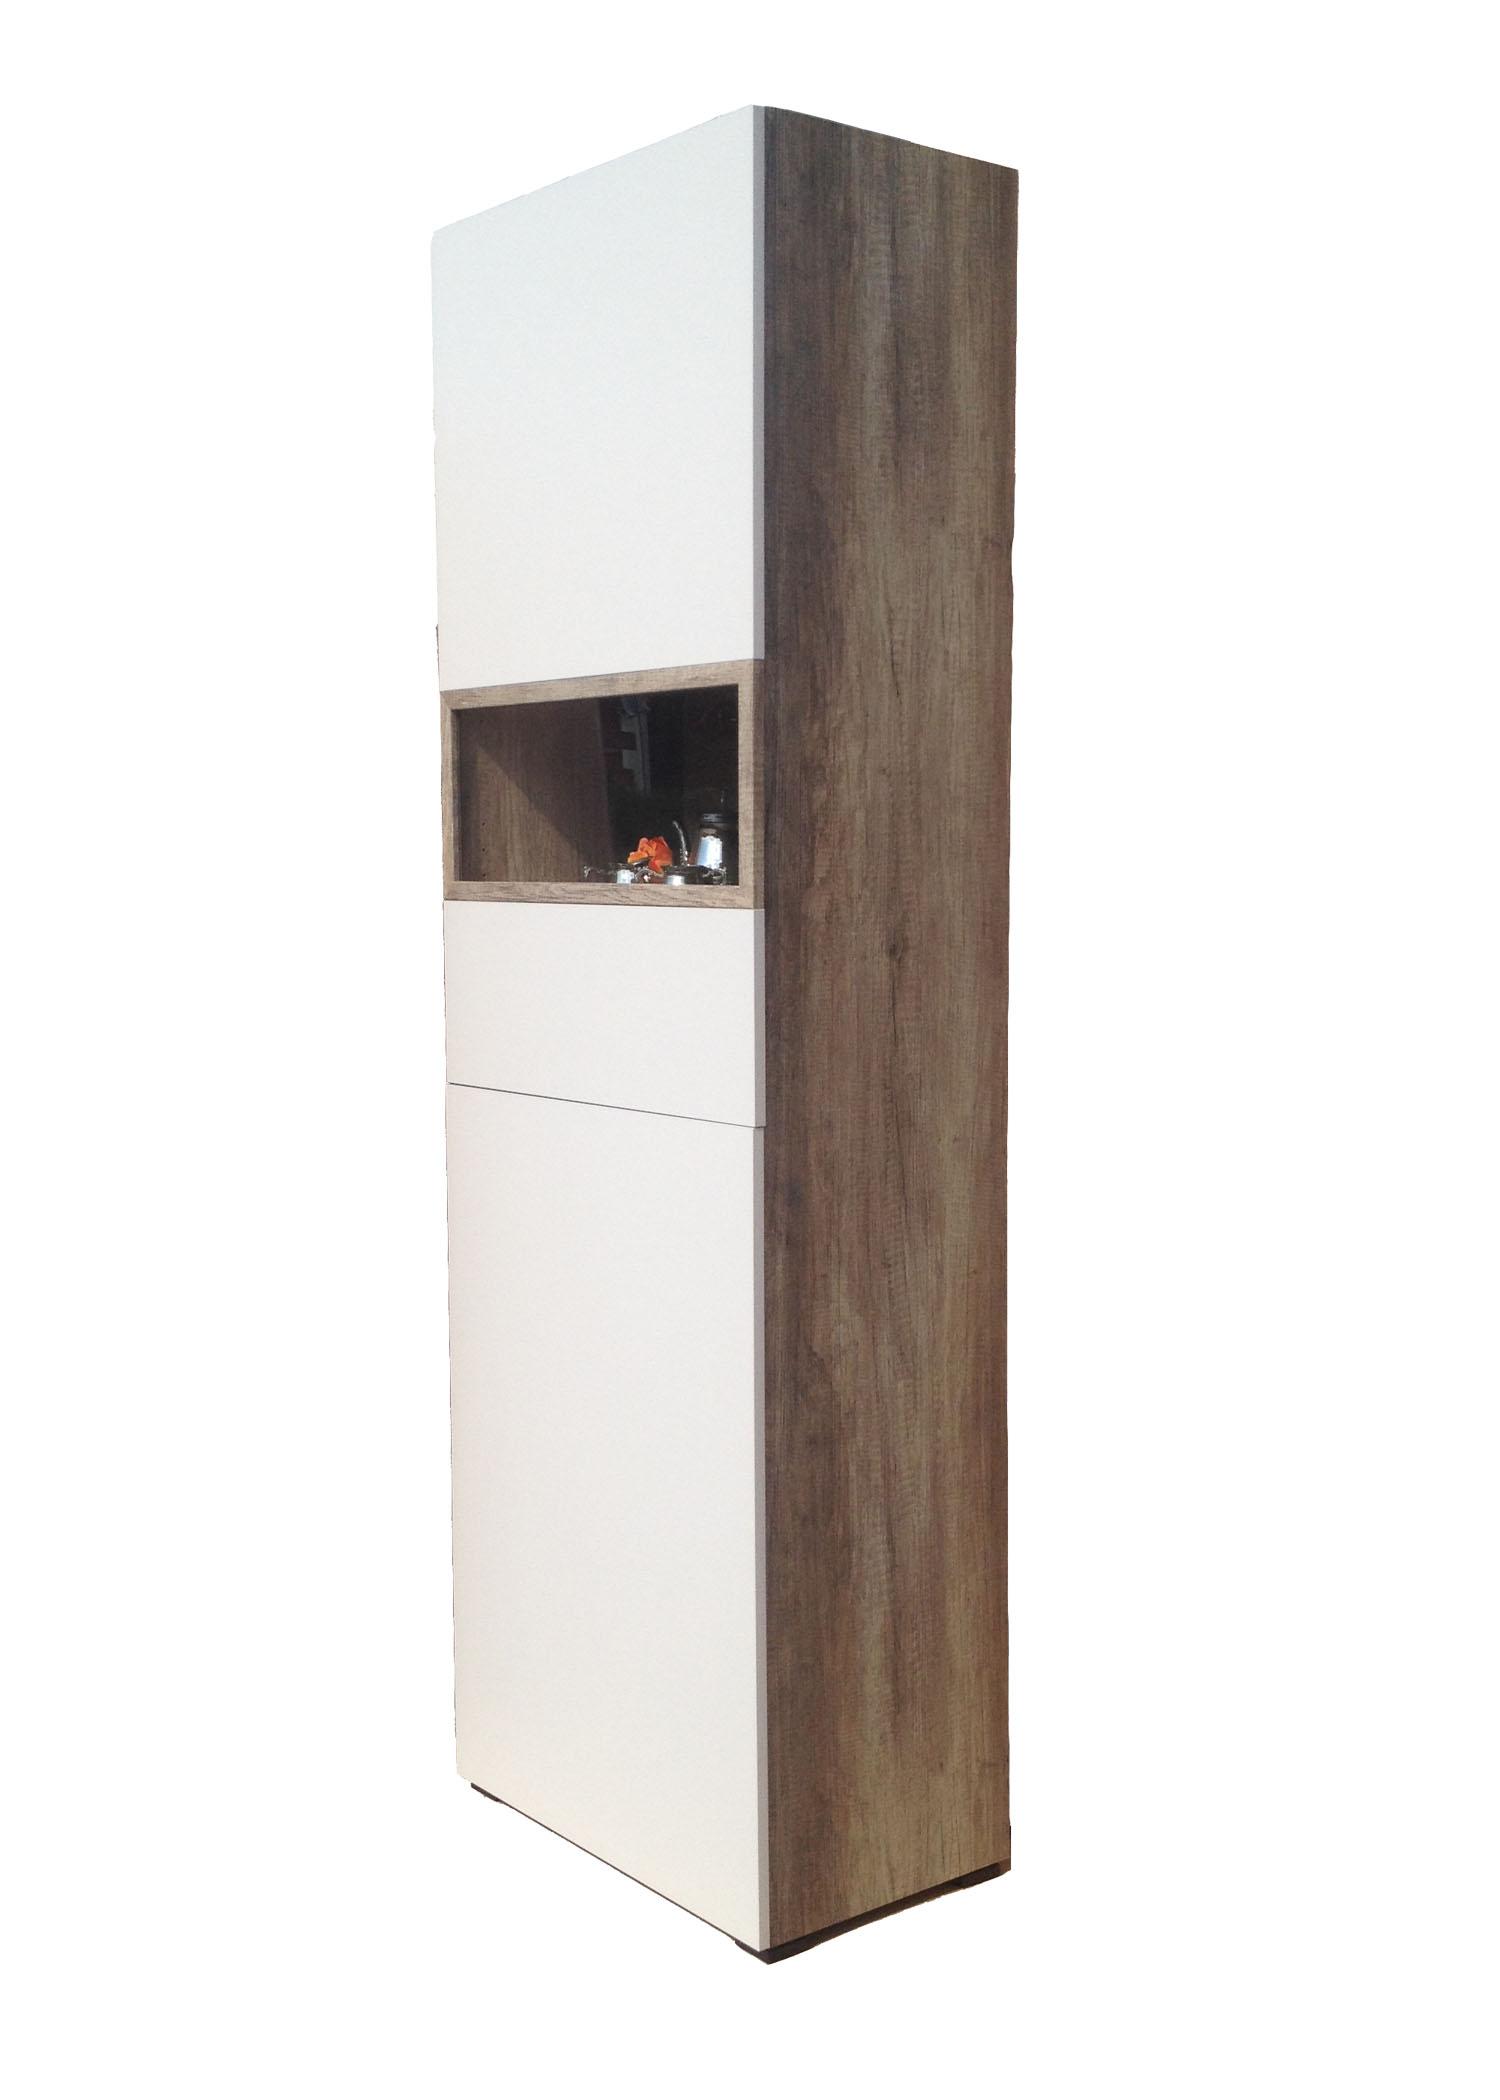 vitrine standvitrine aktenschrank mehrzweckschrank v752 wildeiche sand cs schmal ebay. Black Bedroom Furniture Sets. Home Design Ideas